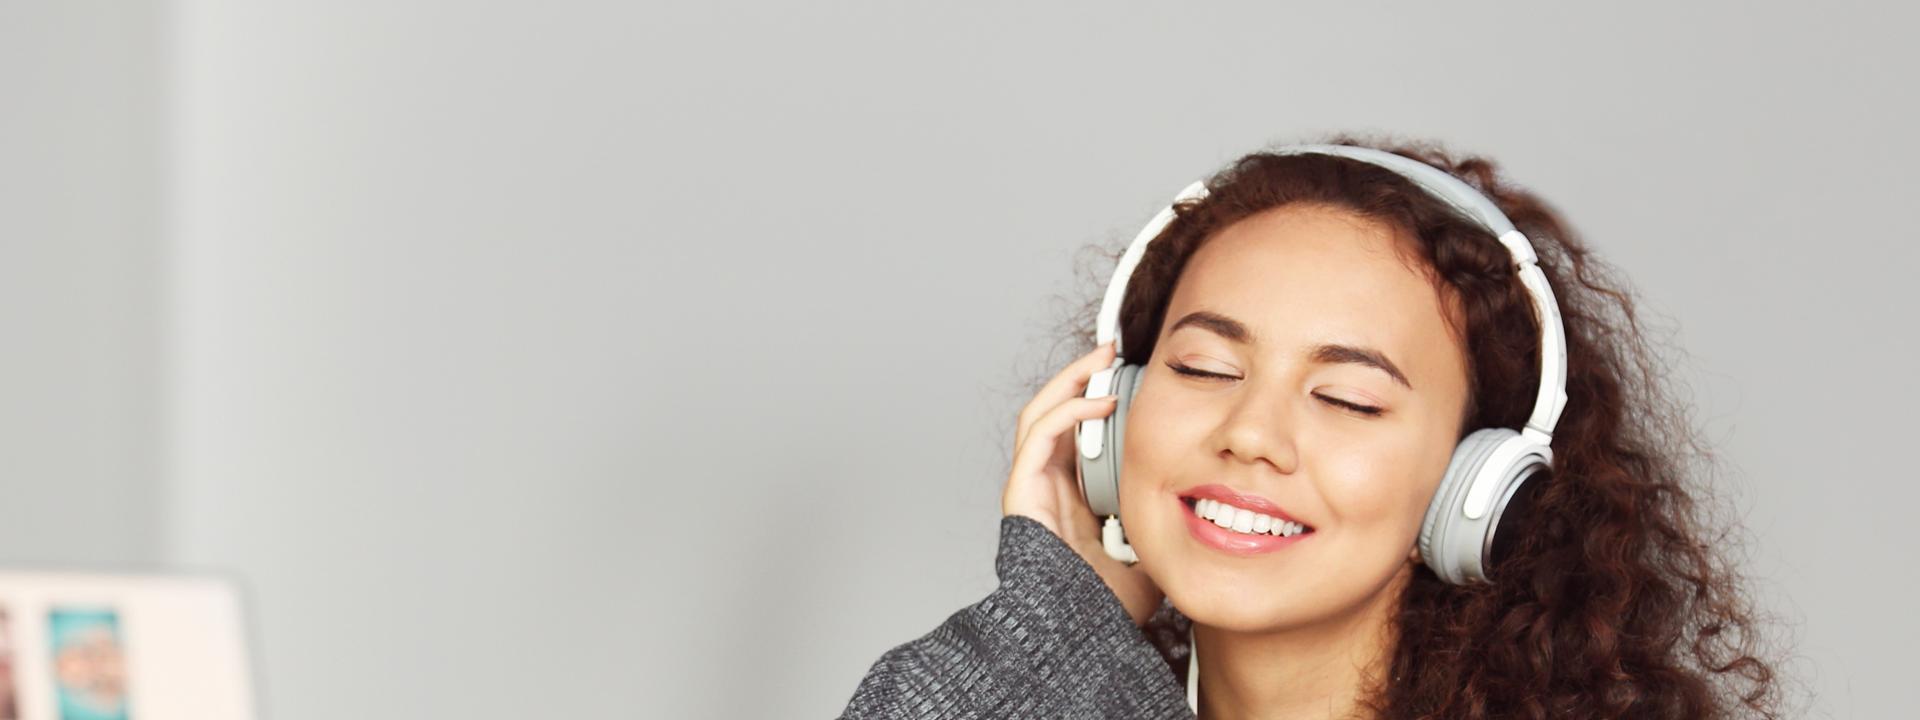 radio.de - Der Radioplayer